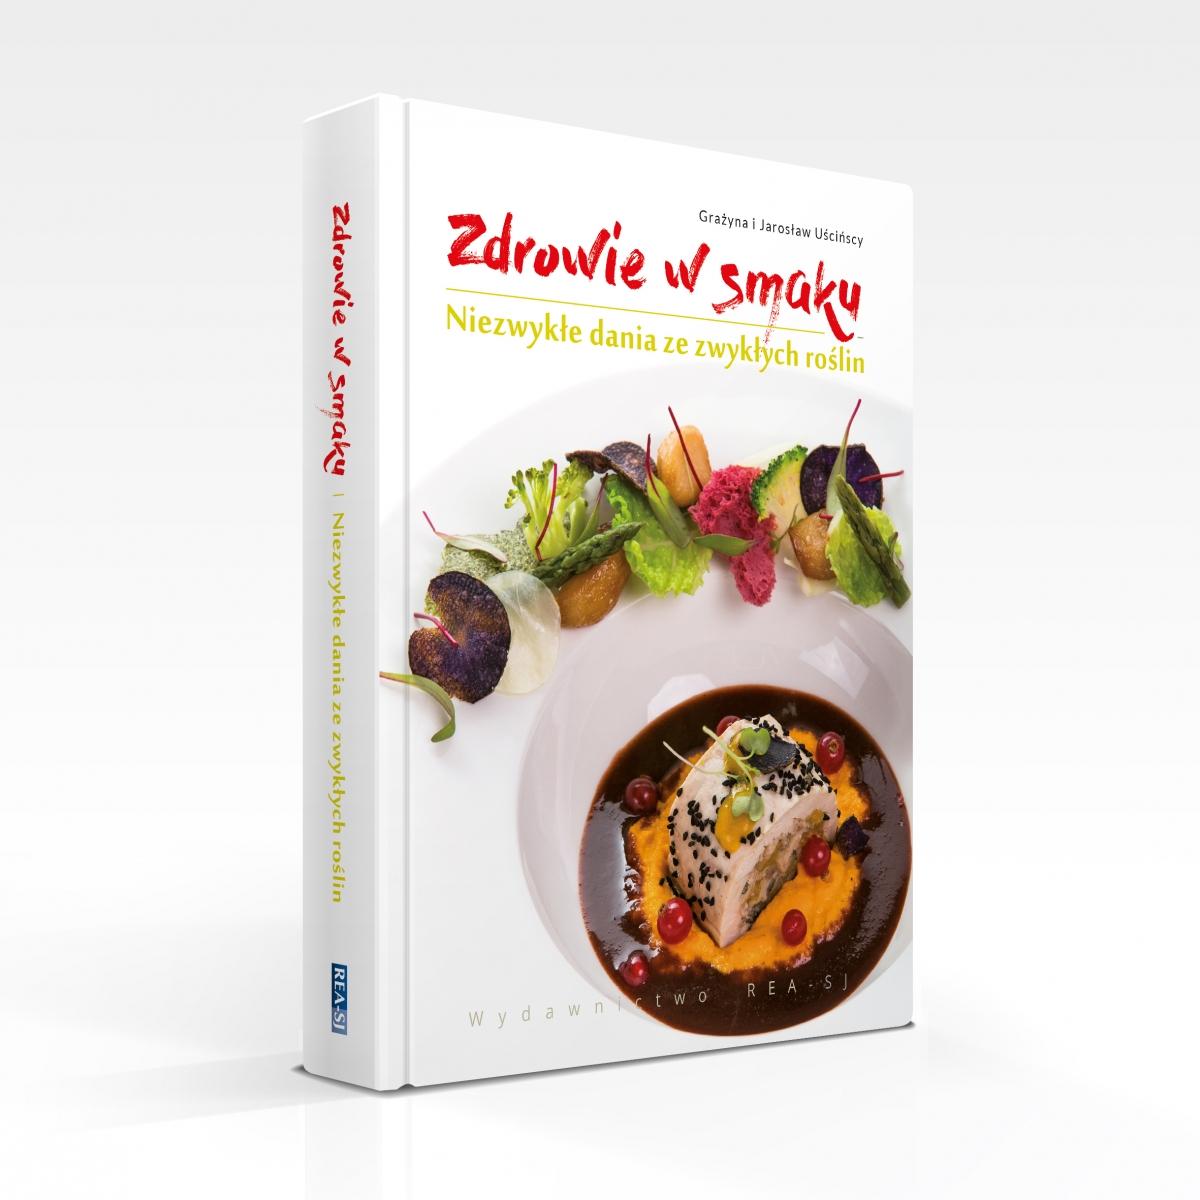 zdrowie-w-smaku-niezwykle-dania-ze-zwyklych-roslin-1013-1